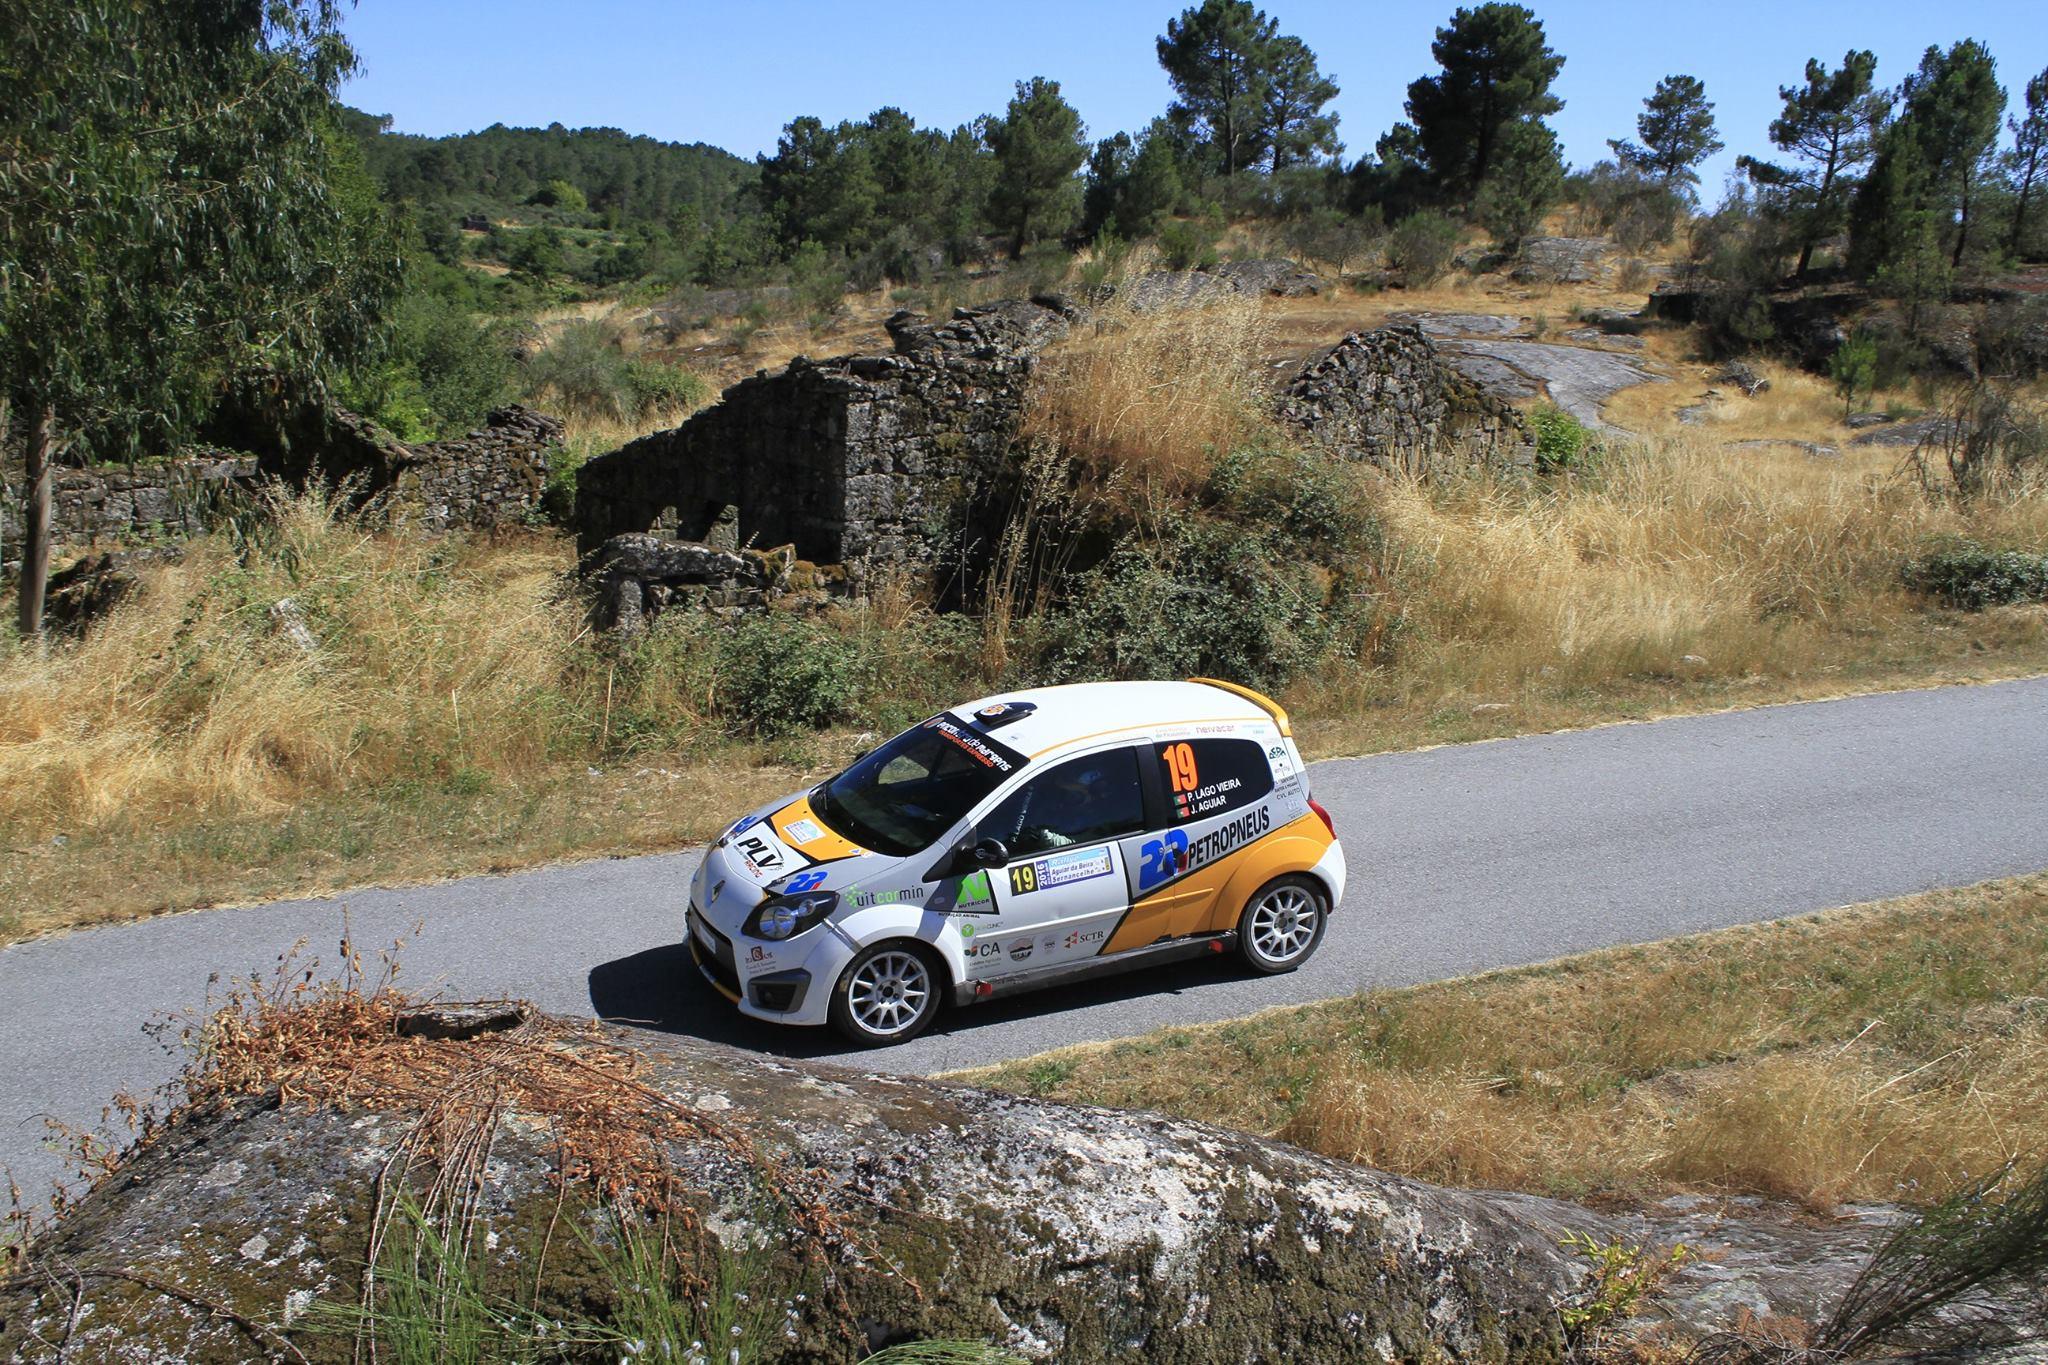 Pedro Lago Vieira Racing foi o grande vencedor o Rali Aguiar da Beira / Sernancelhe 2016 entre os inscritos no CNRI (Rali Aguiar da Beira/Sernancelhe 2016).